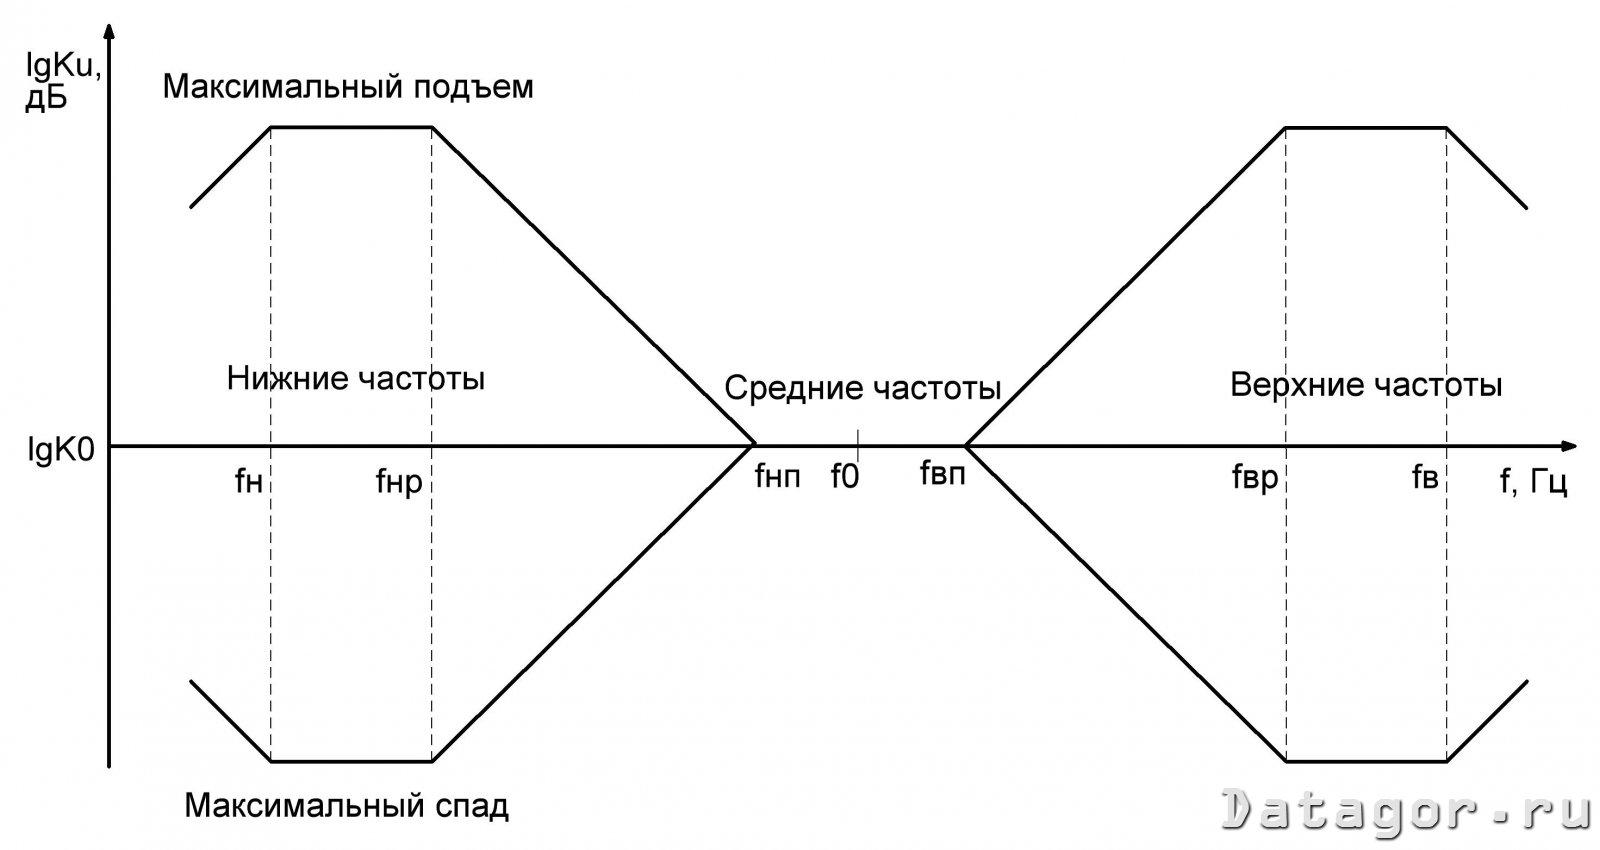 схема для проверки операционных усилителей на avr